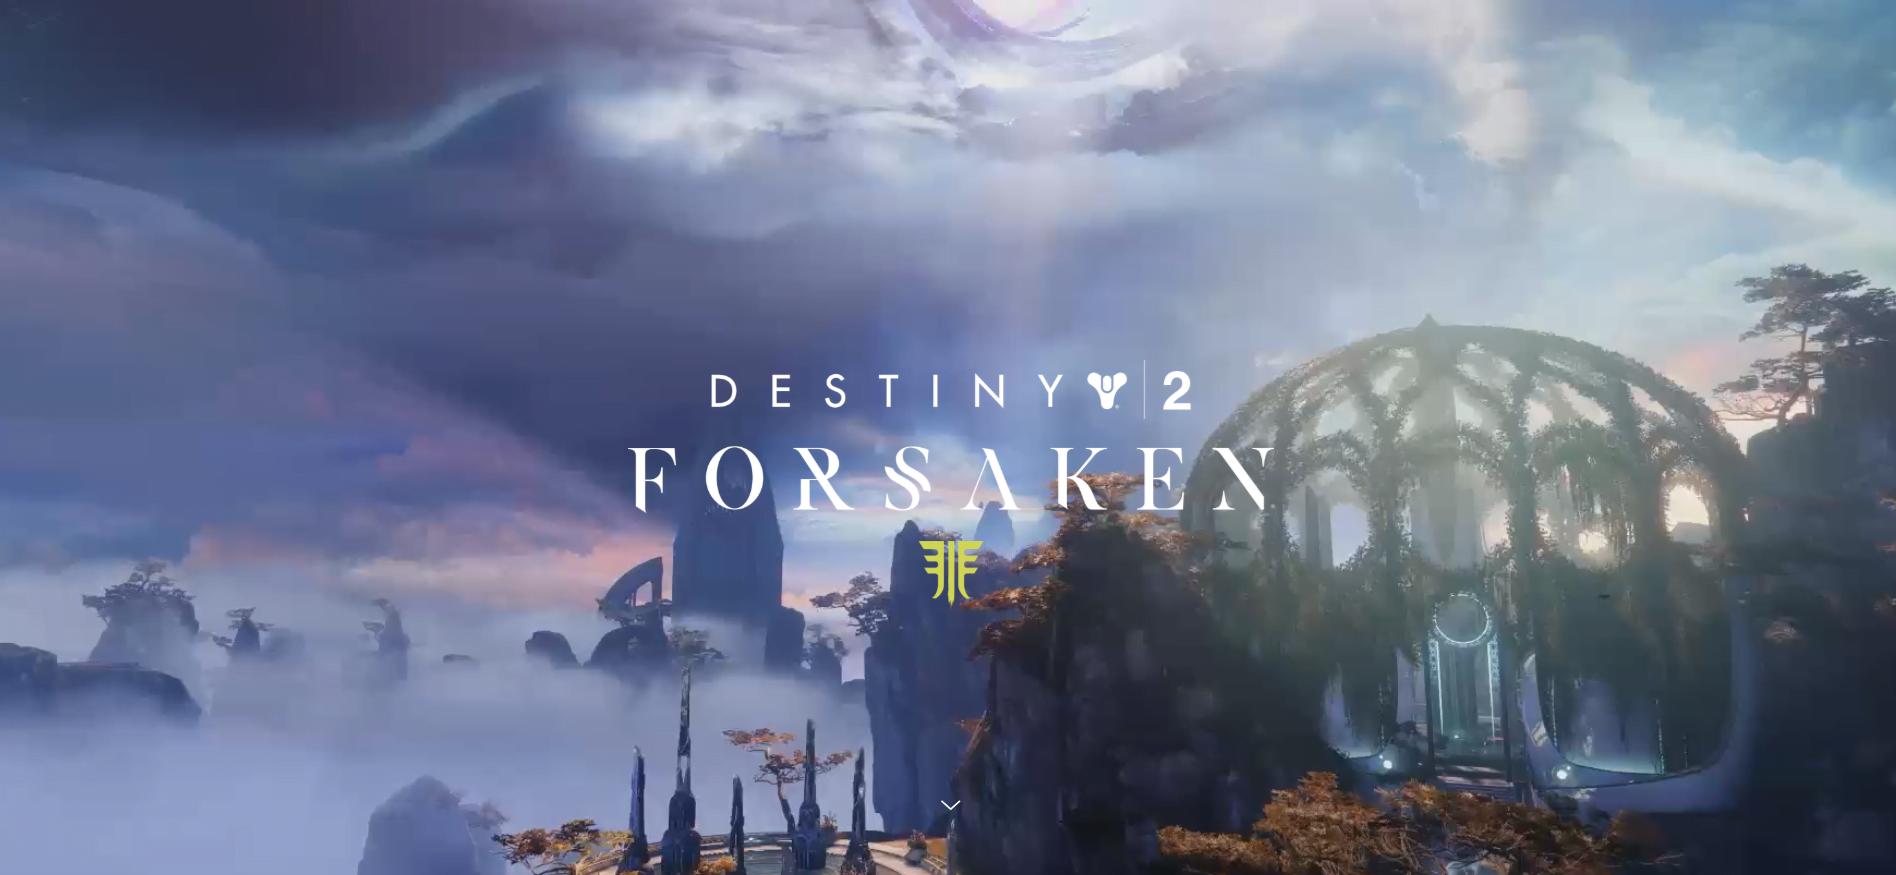 Photo of Destiny 2: Forsaken Releasing September 4